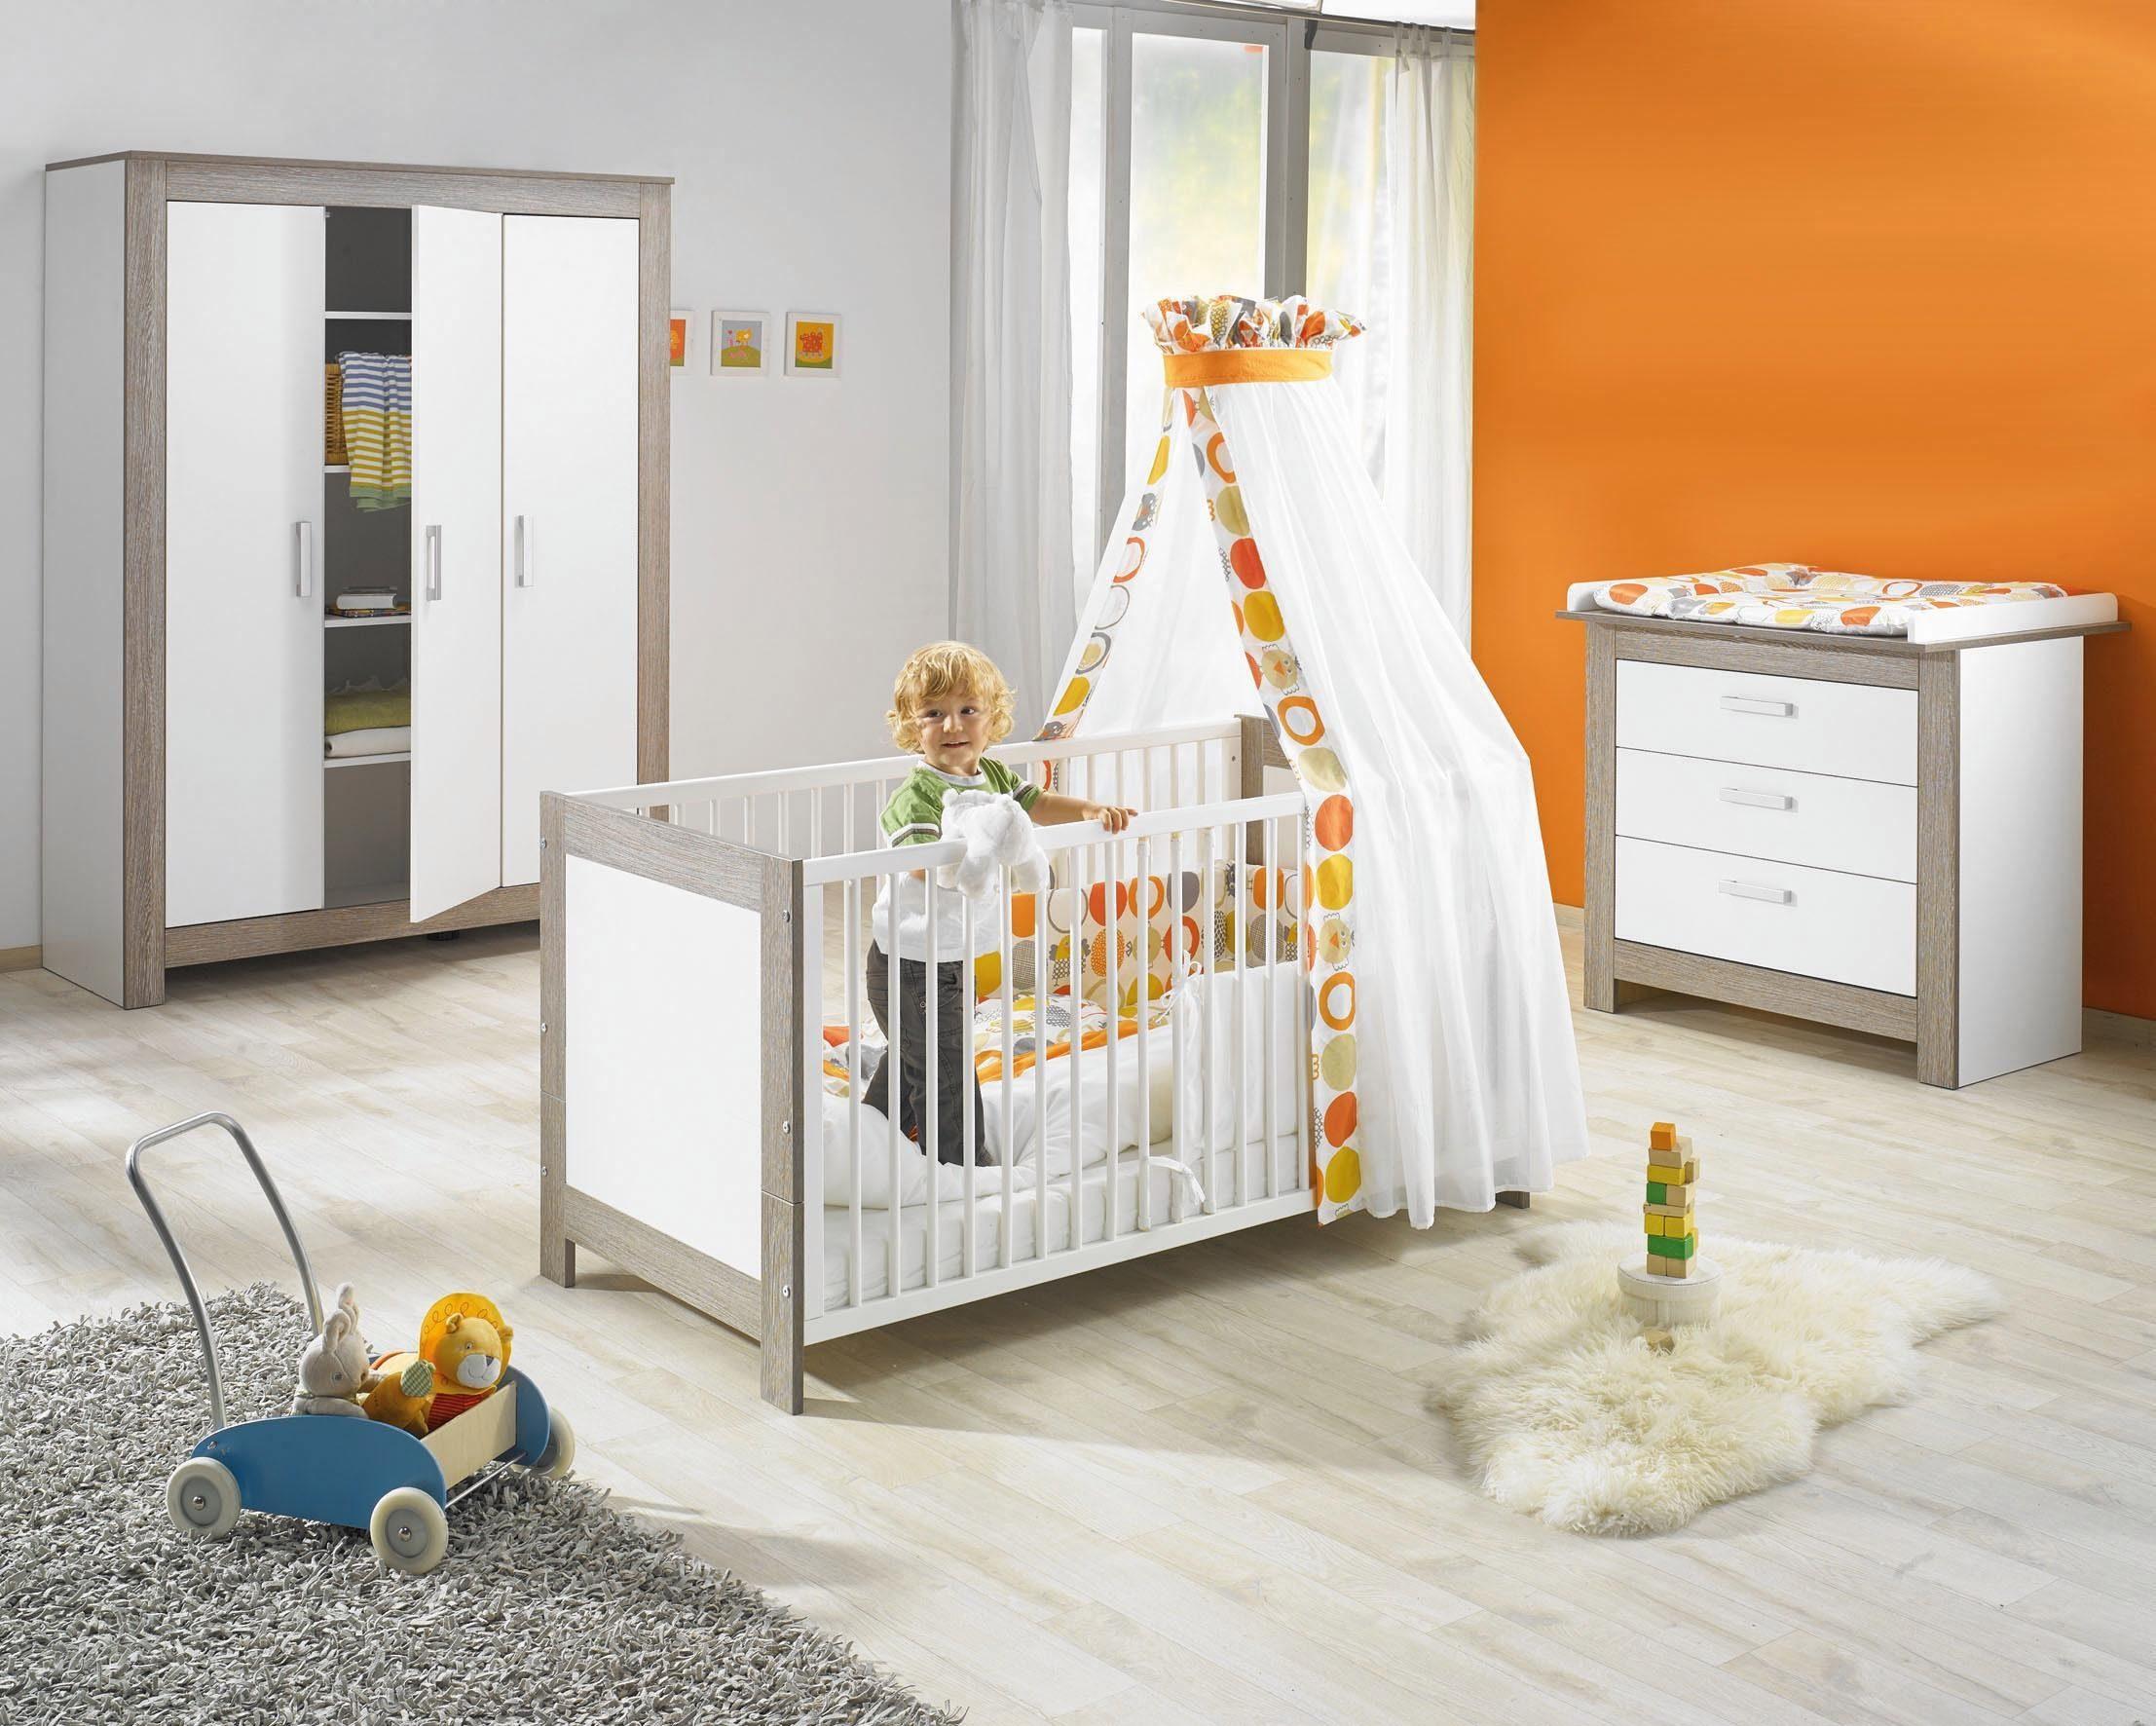 Geuther Babyzimmer Set (3-tlg.) Kinderzimmer, »MARLENE, wenge-lehm weiß«